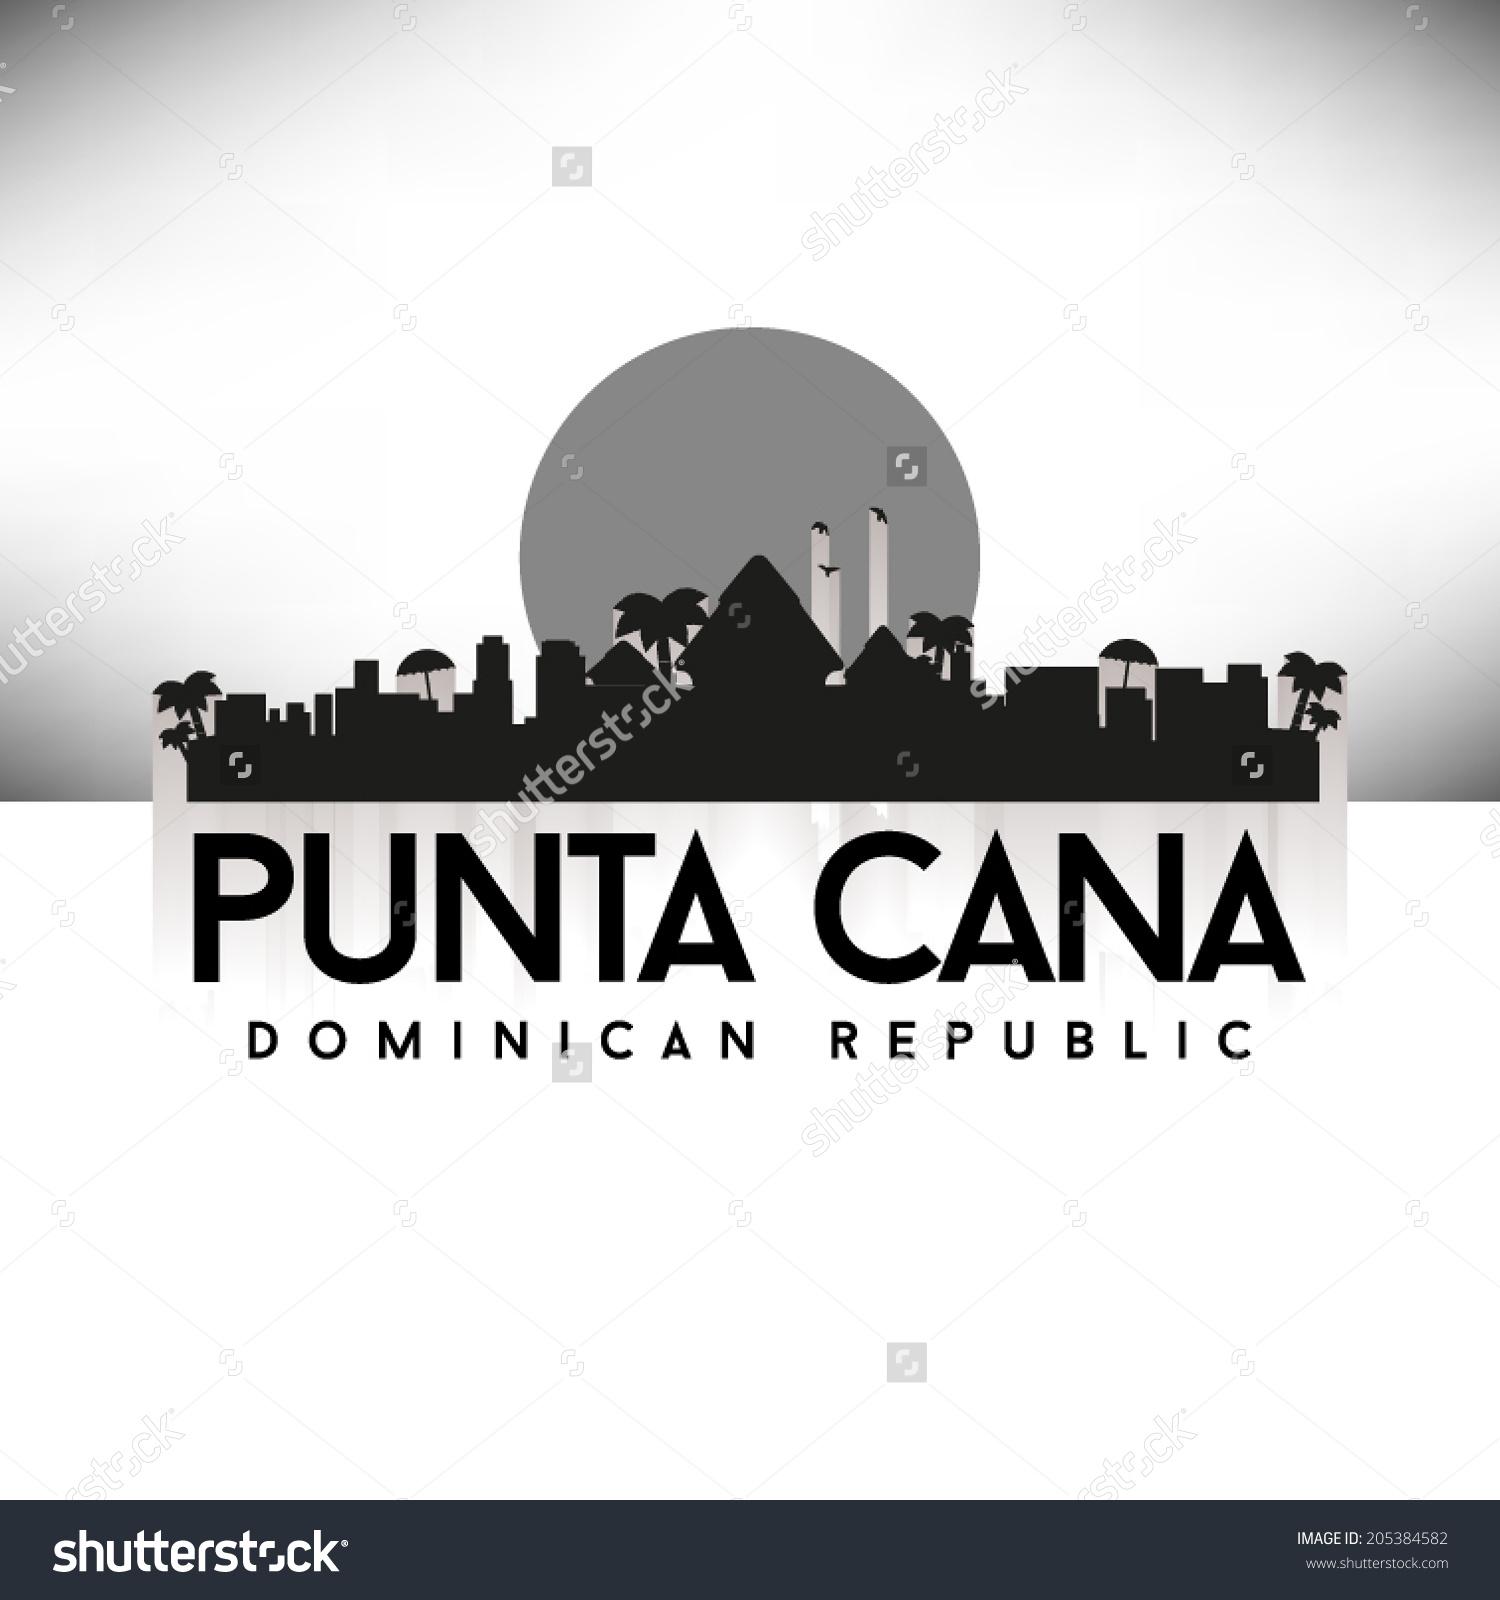 Dominican republic black and white clipart.